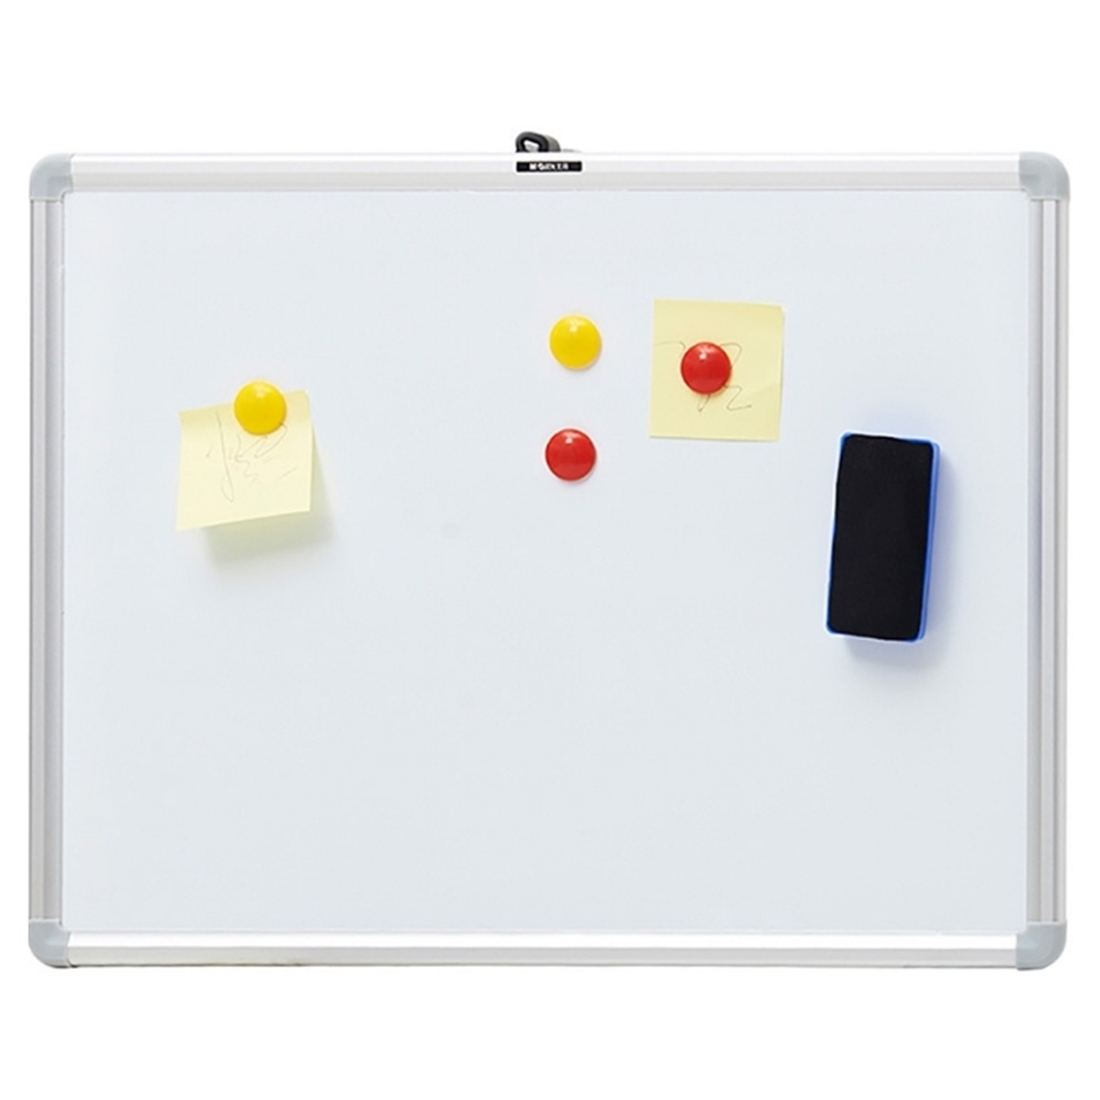 Slika za kategoriju Bijele ploče, magneti i pribor